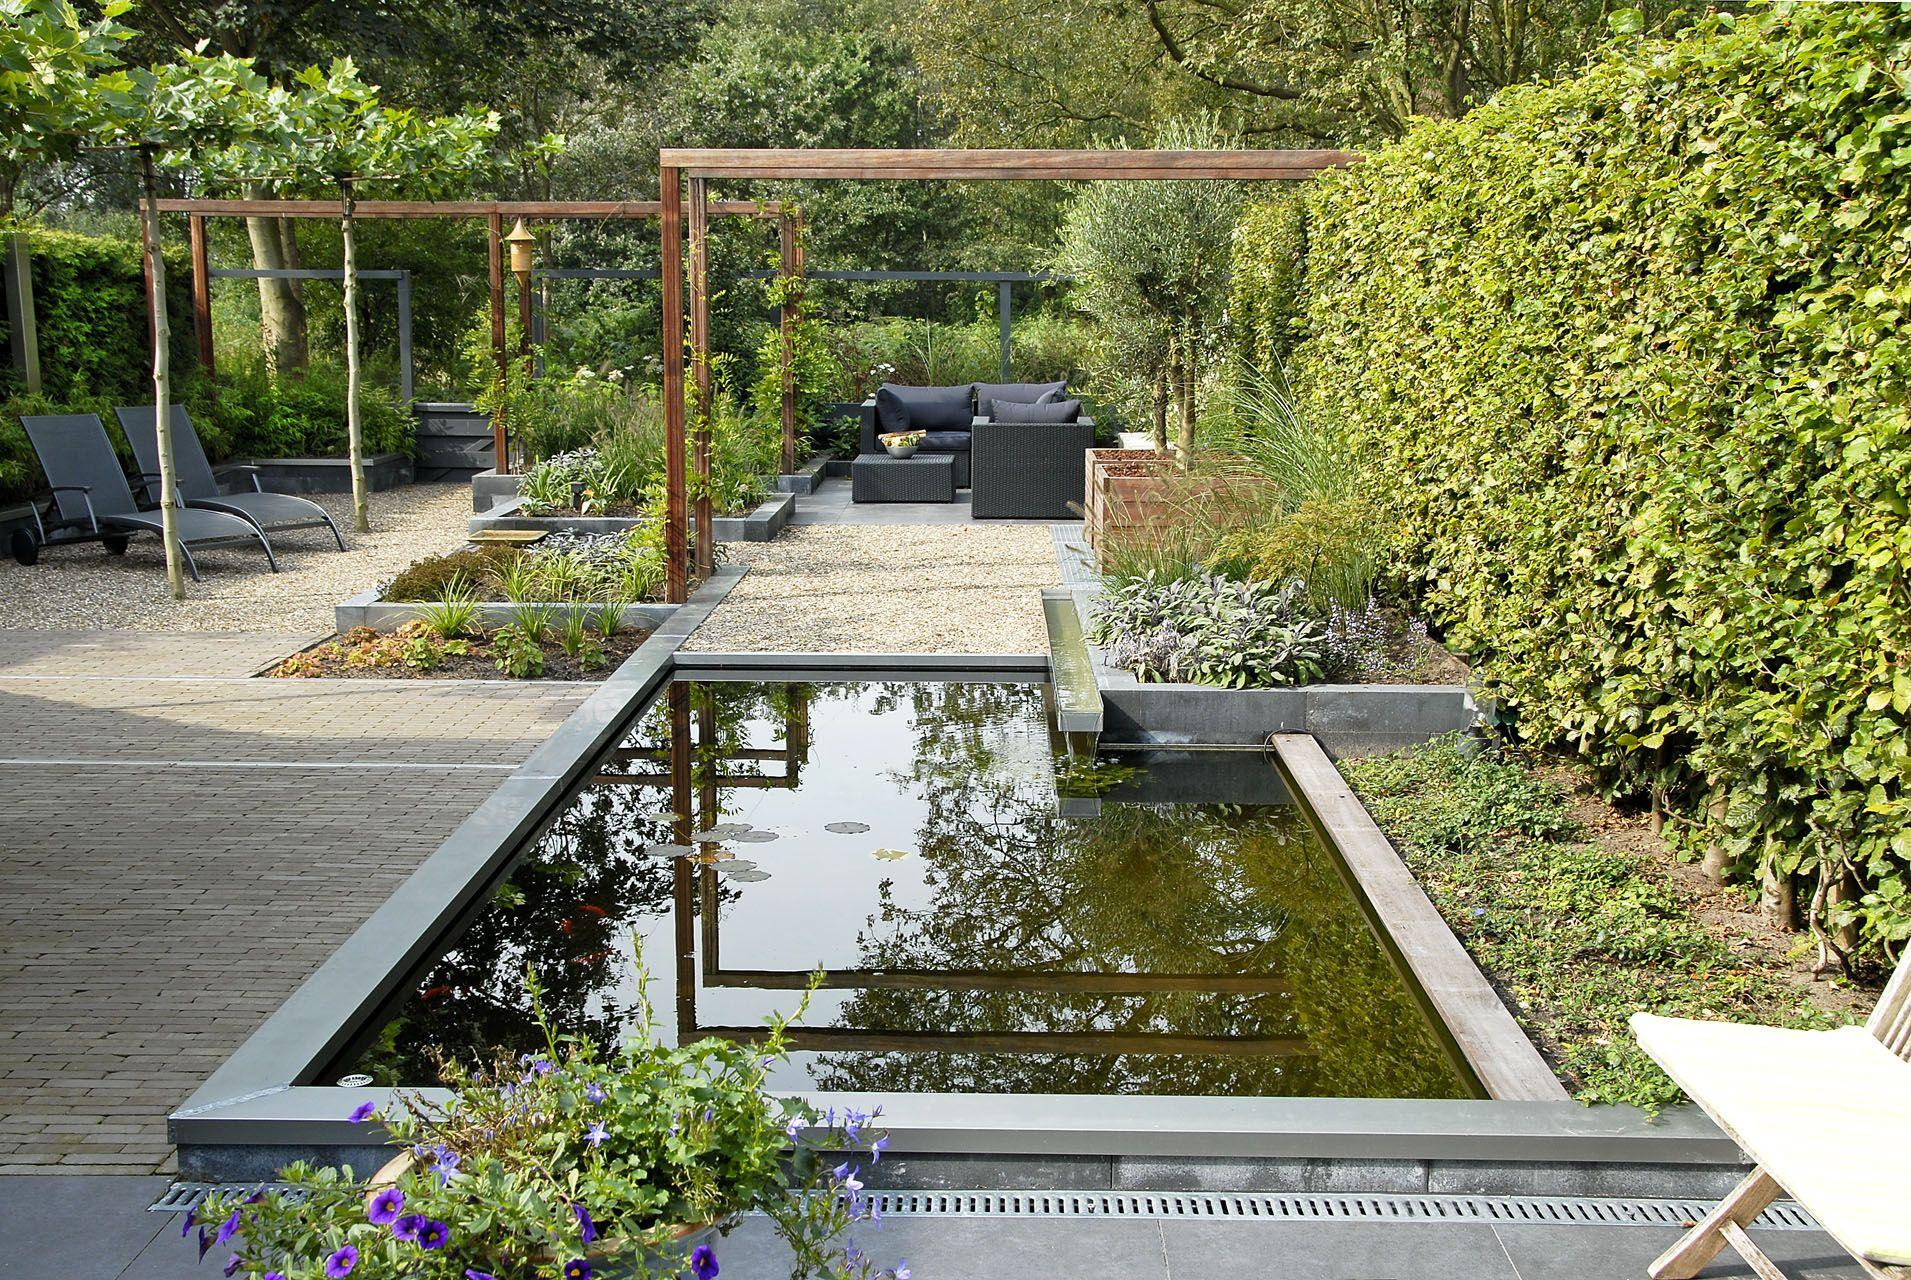 Wonderbaarlijk Strakke tuin met vijver - Green ART: Moderne tuinen, Tuinontwerp OT-02